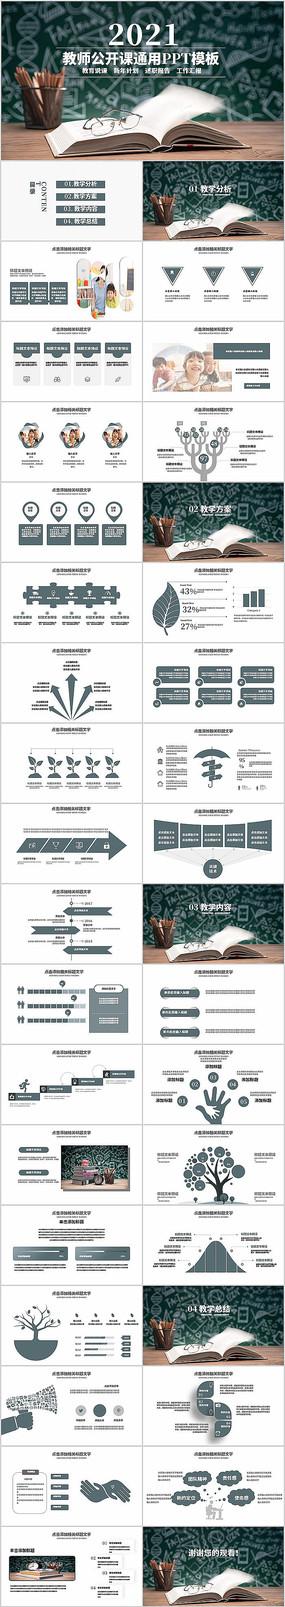 2021教育公开课教学设计教师说课PPT